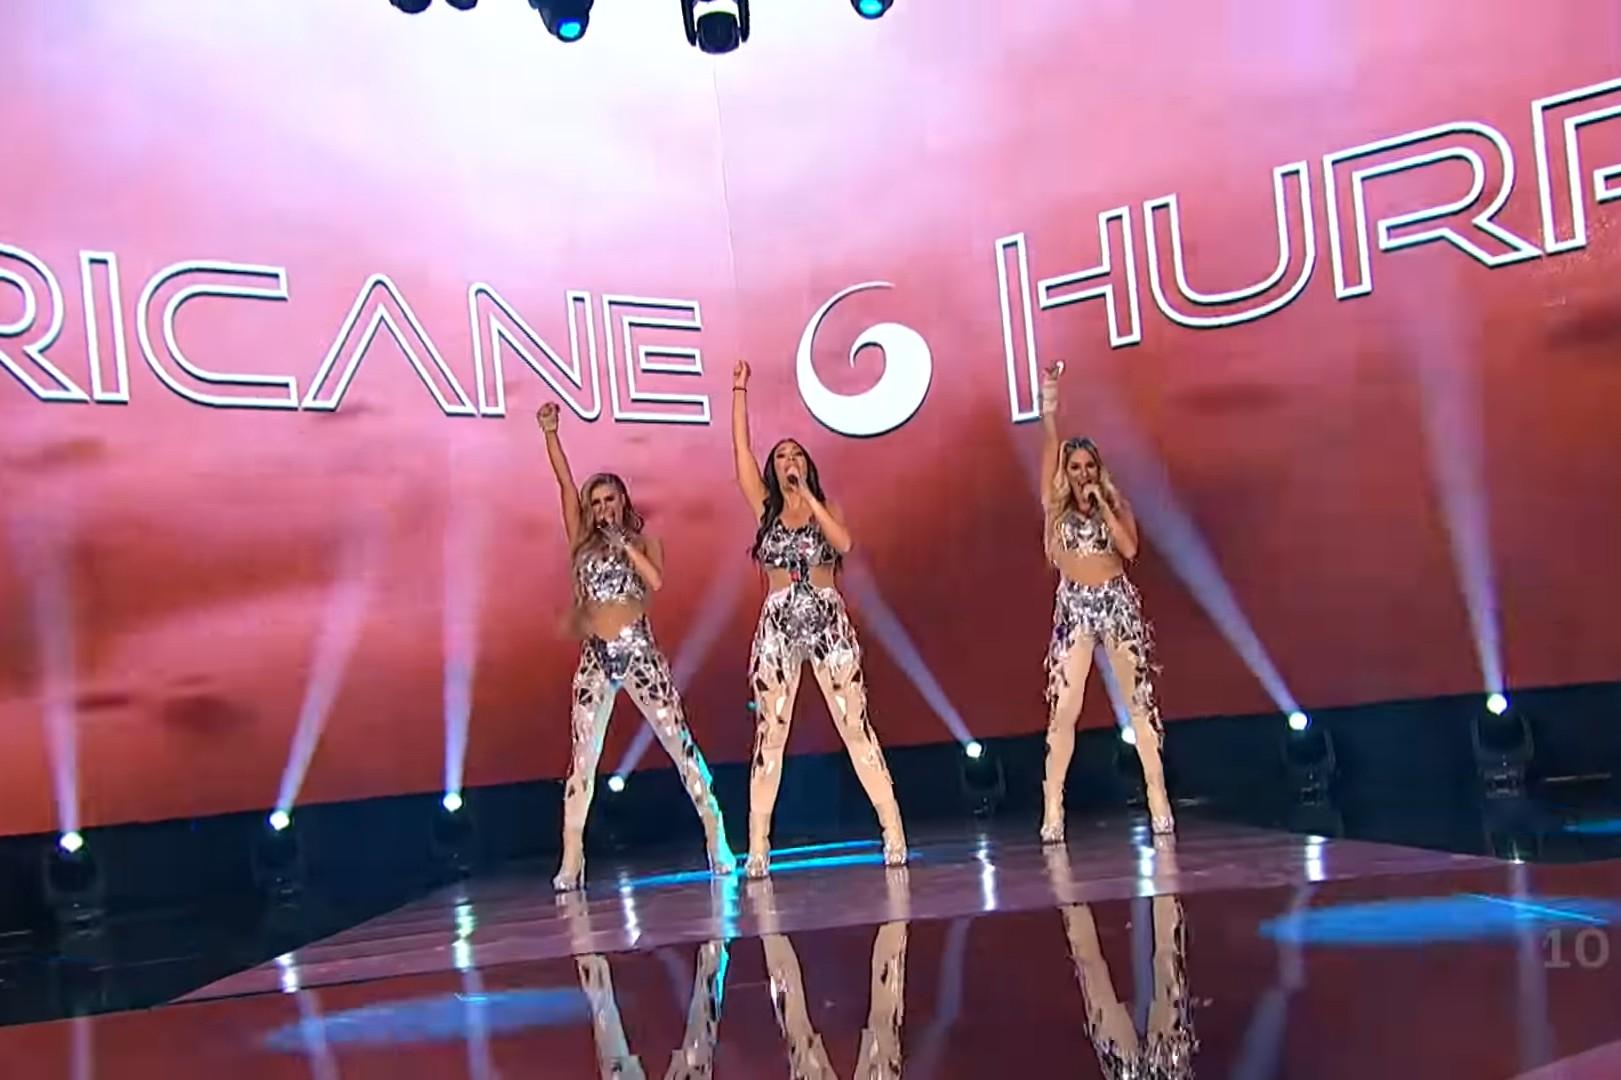 """Muzički sastav """"Hurricane"""" izvodi pesmu """"Hasta la vista"""" tokom nastupa na drugoj polufinalnoj večeri Beovizije (Foto: Snimak ekrana/Jutjub)"""